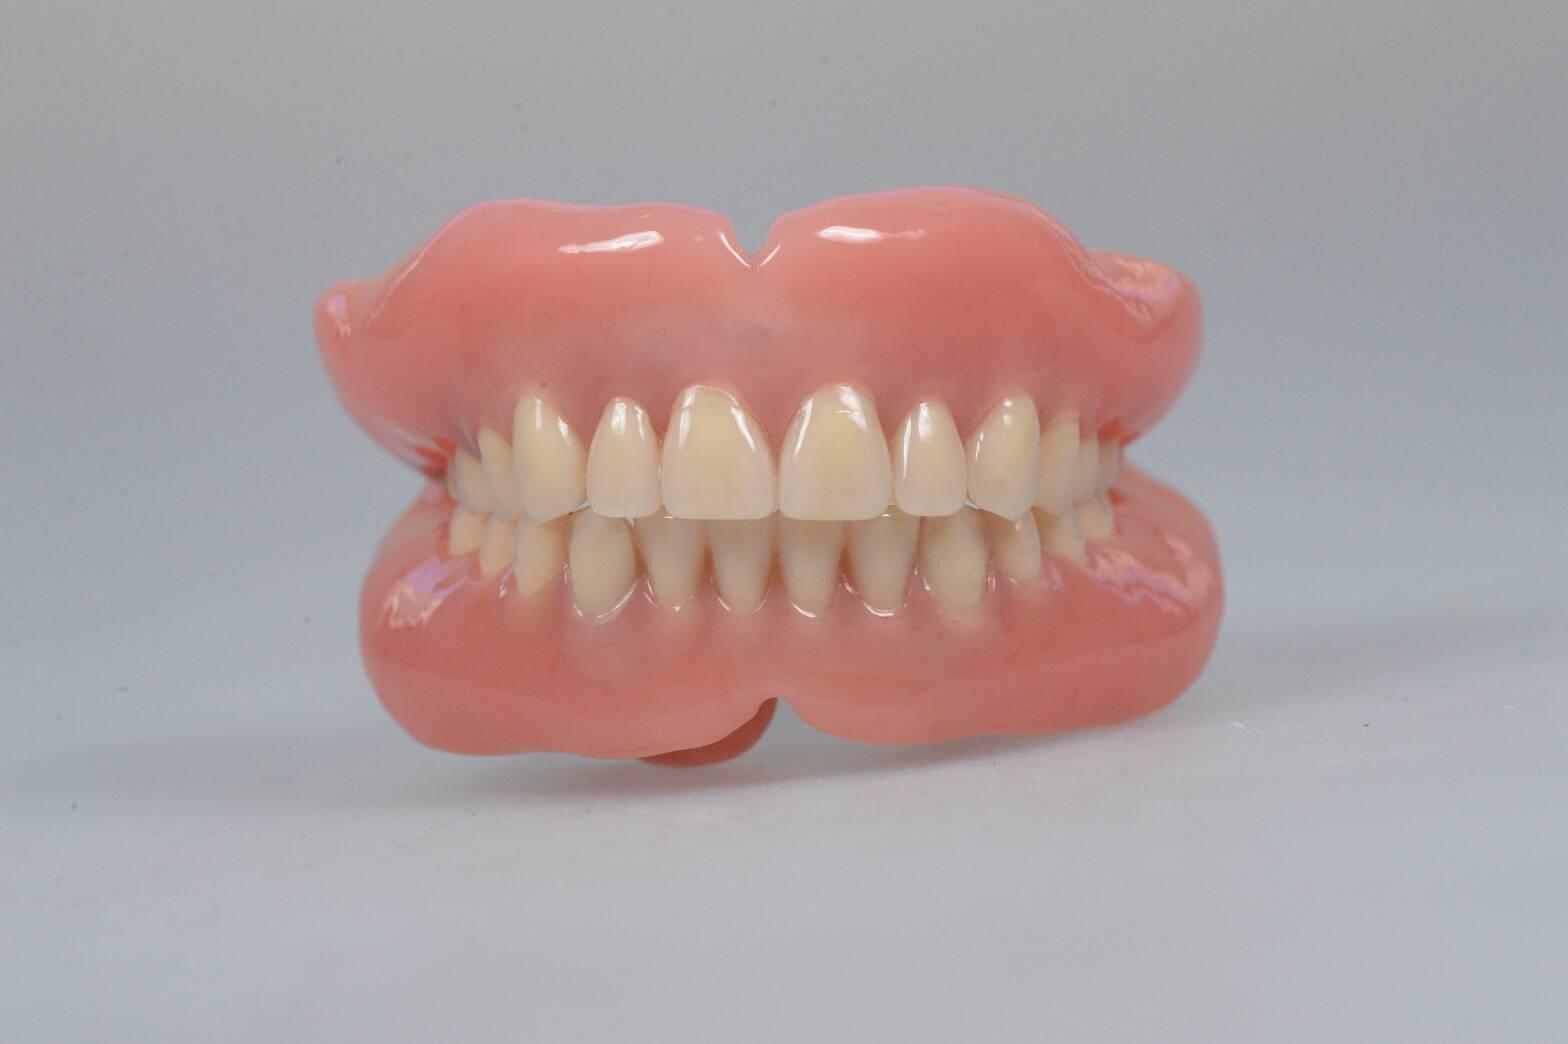 総入れ歯にするタイミングについて〜残せる歯があるかどうか不安です ...